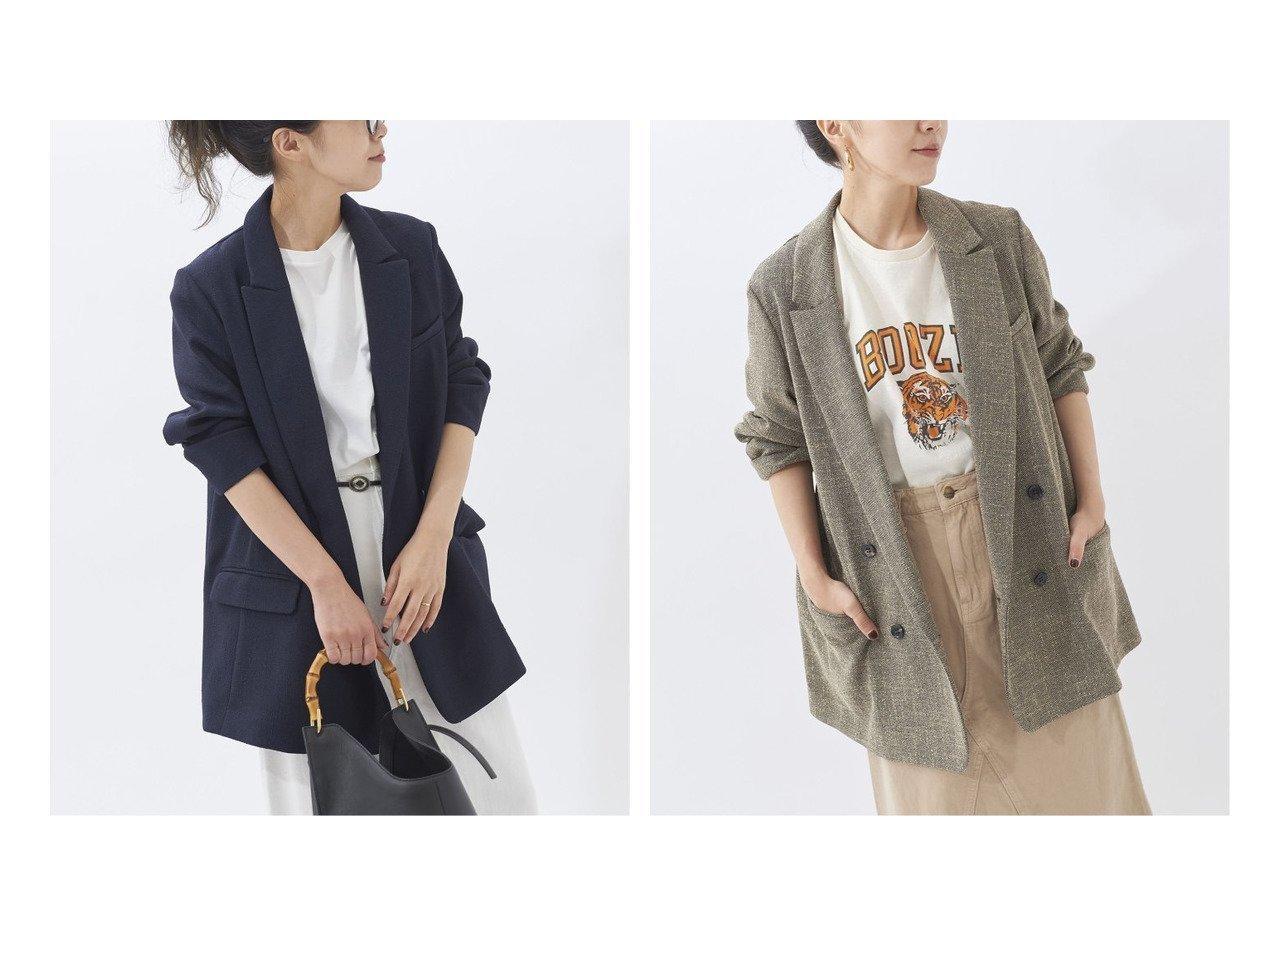 【Plage/プラージュ】の【R IAM】ミニツイードジャケット 【アウター】おすすめ!人気、トレンド・レディースファッションの通販 おすすめで人気の流行・トレンド、ファッションの通販商品 インテリア・家具・メンズファッション・キッズファッション・レディースファッション・服の通販 founy(ファニー) https://founy.com/ ファッション Fashion レディースファッション WOMEN アウター Coat Outerwear ジャケット Jackets テーラードジャケット Tailored Jackets 2021年 2021 2021-2022秋冬・A/W AW・Autumn/Winter・FW・Fall-Winter・2021-2022 A/W・秋冬 AW・Autumn/Winter・FW・Fall-Winter インナー ジャケット ジュエリー デコルテ 再入荷 Restock/Back in Stock/Re Arrival |ID:crp329100000060549